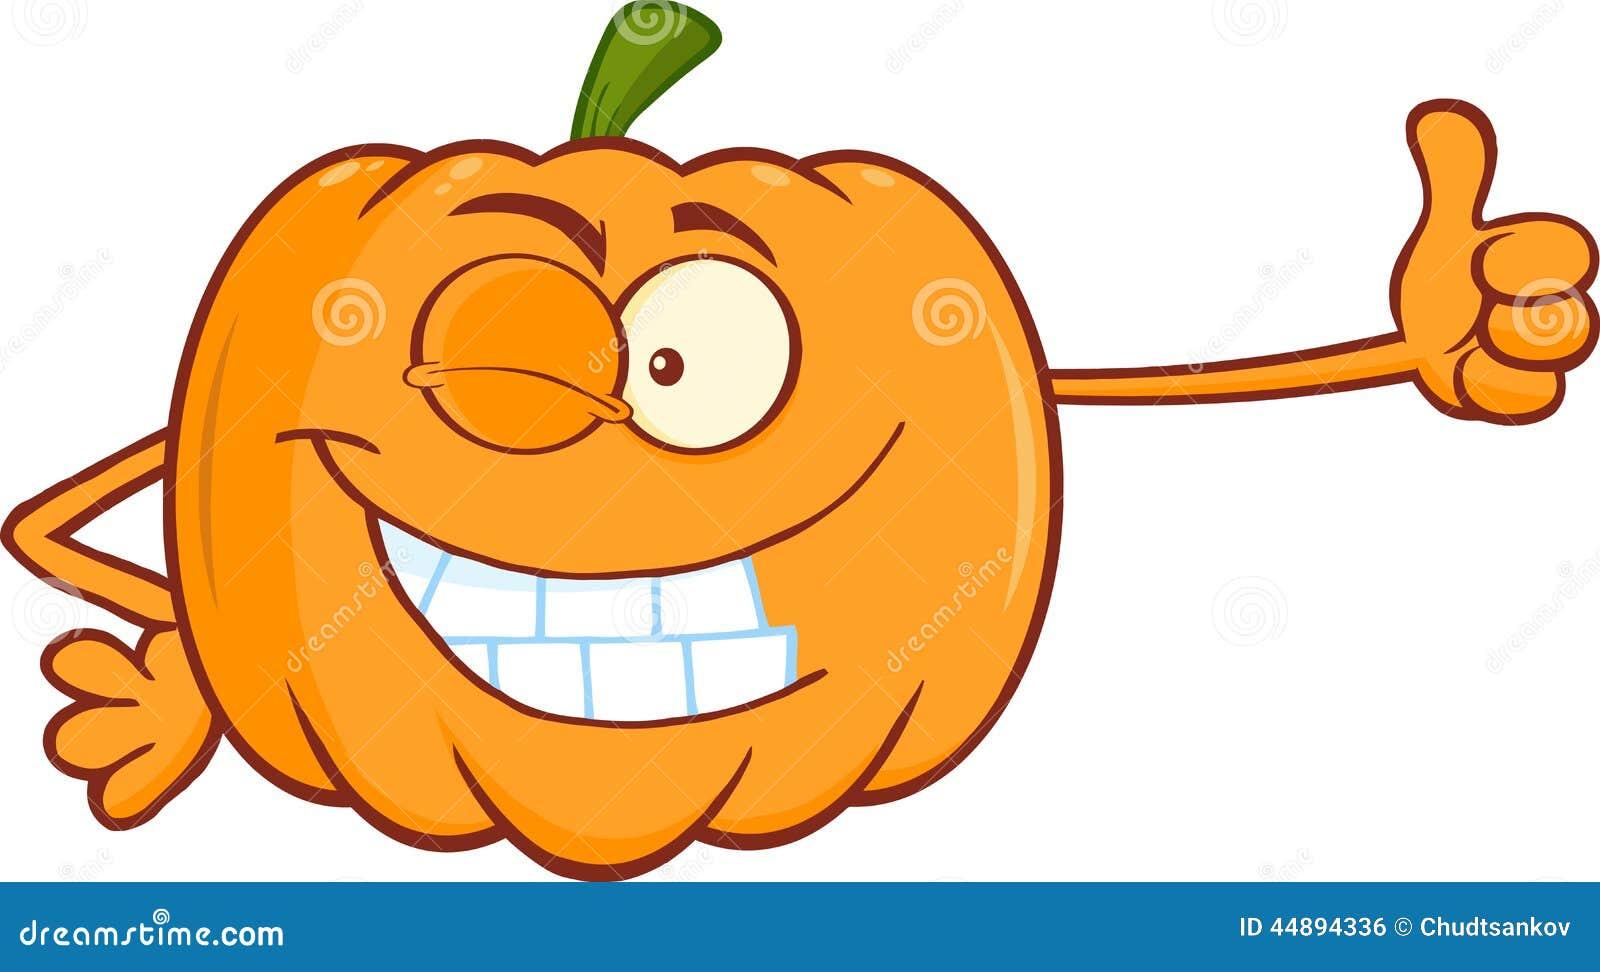 ... Illustration: Winking Pumpkin Cartoon Character Giving A Thumb Up